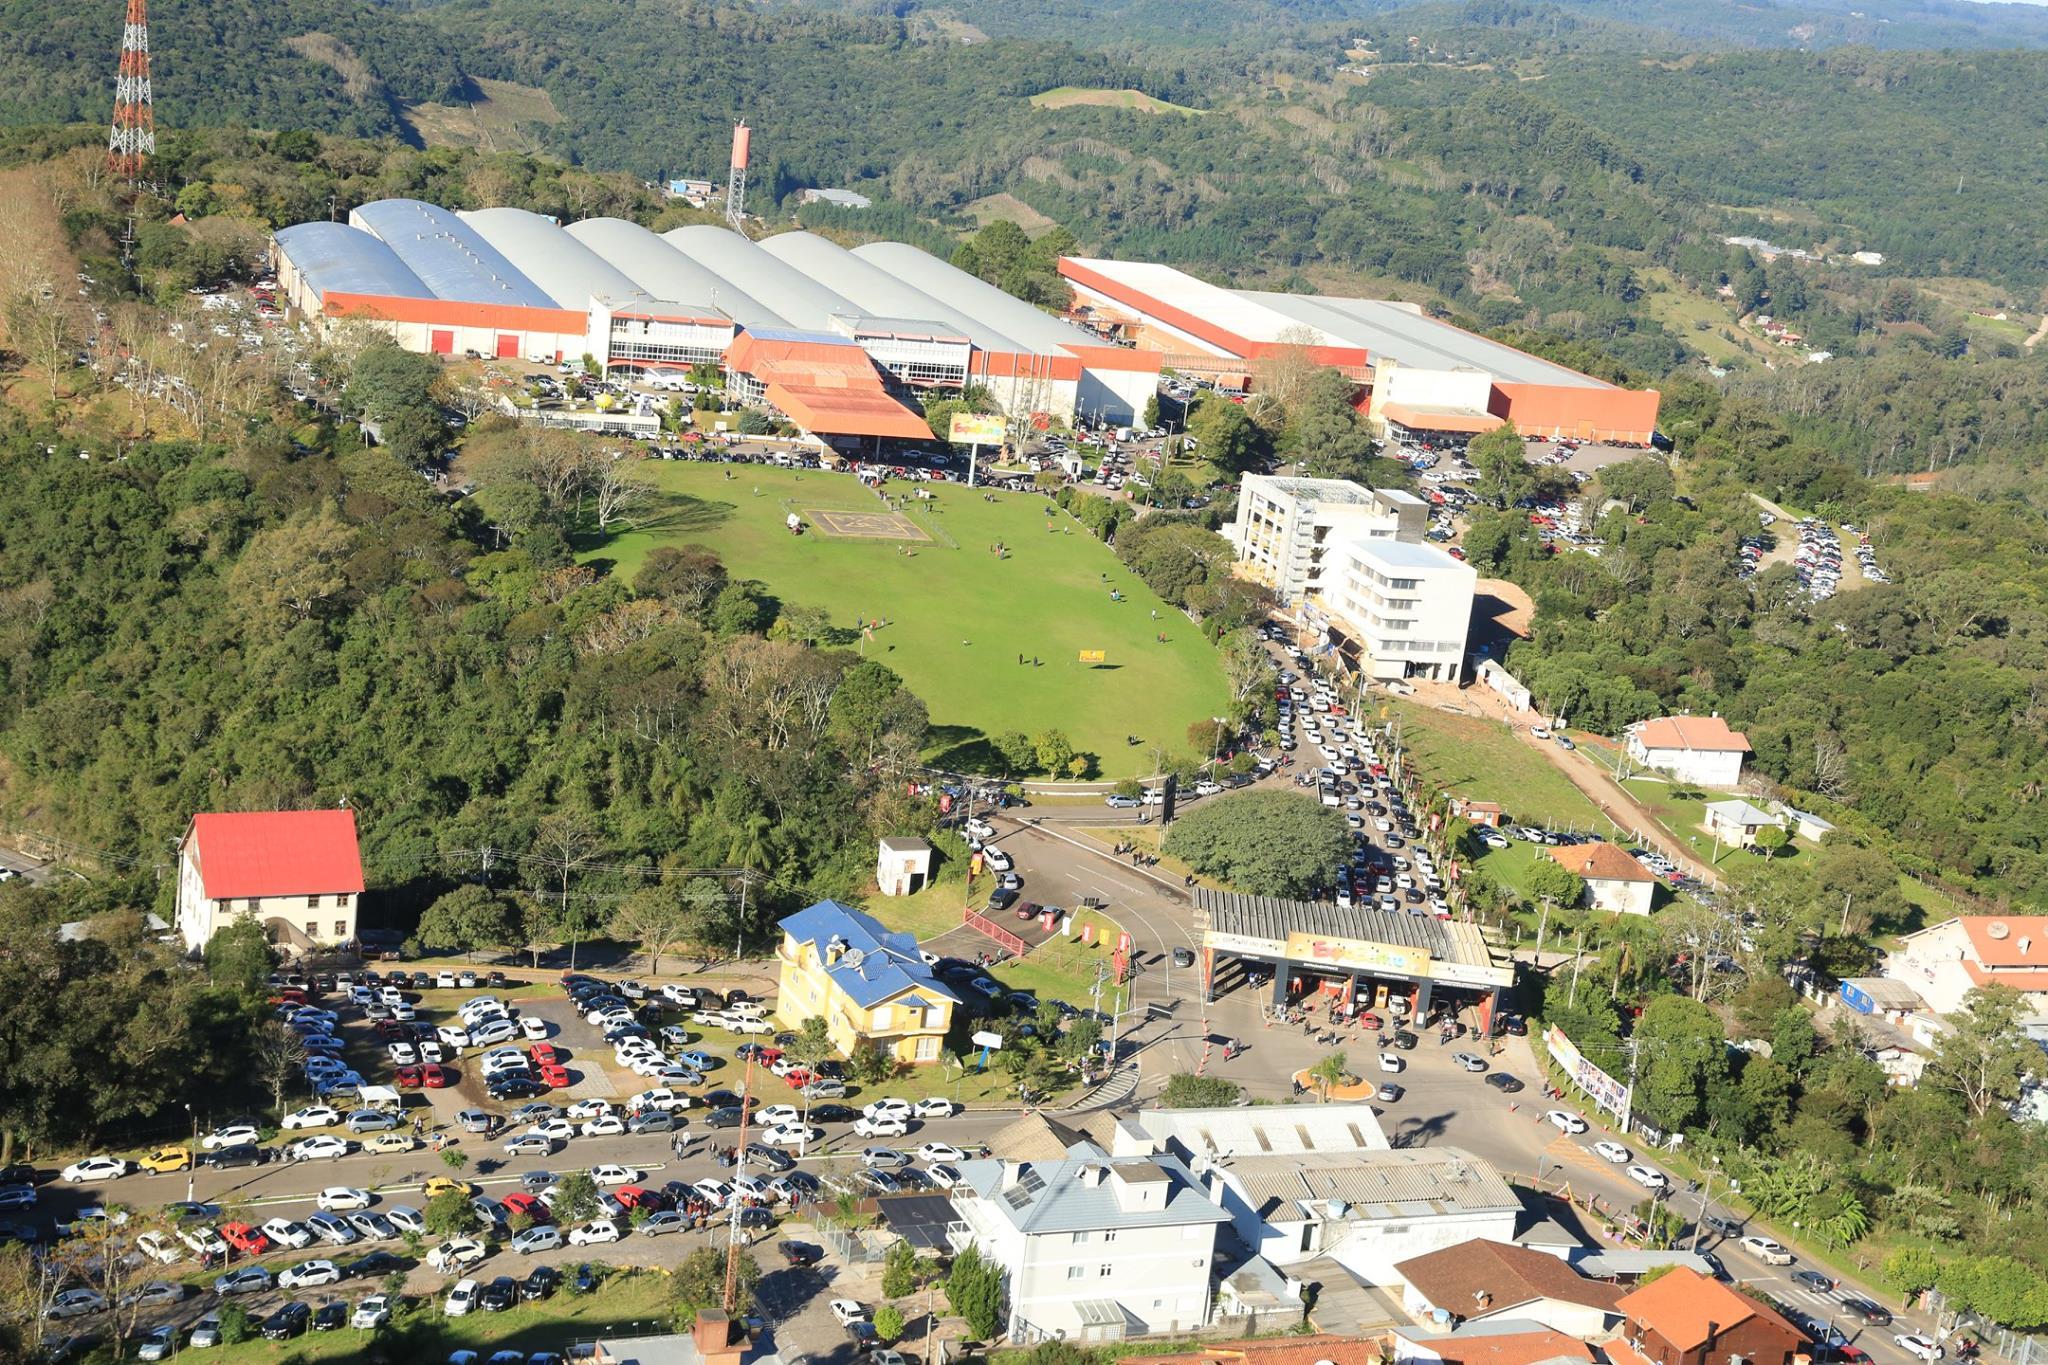 Parque de Eventos tem agenda com atividades temáticas, de lazer e negócios